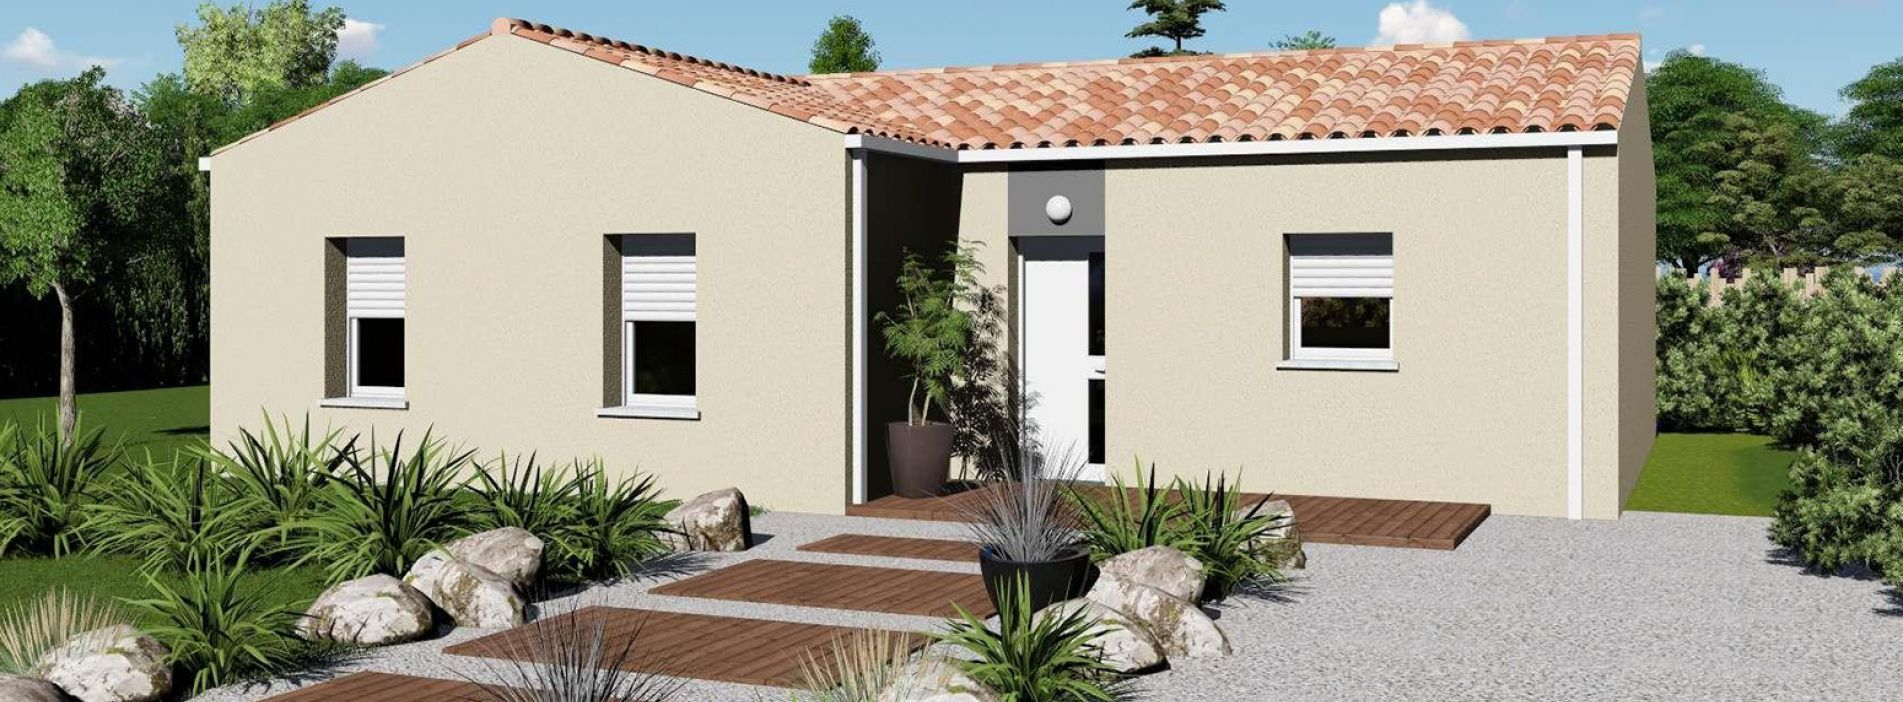 Image Maison 85.27 m² avec terrain à MARCILLAC (GIRONDE - 33)